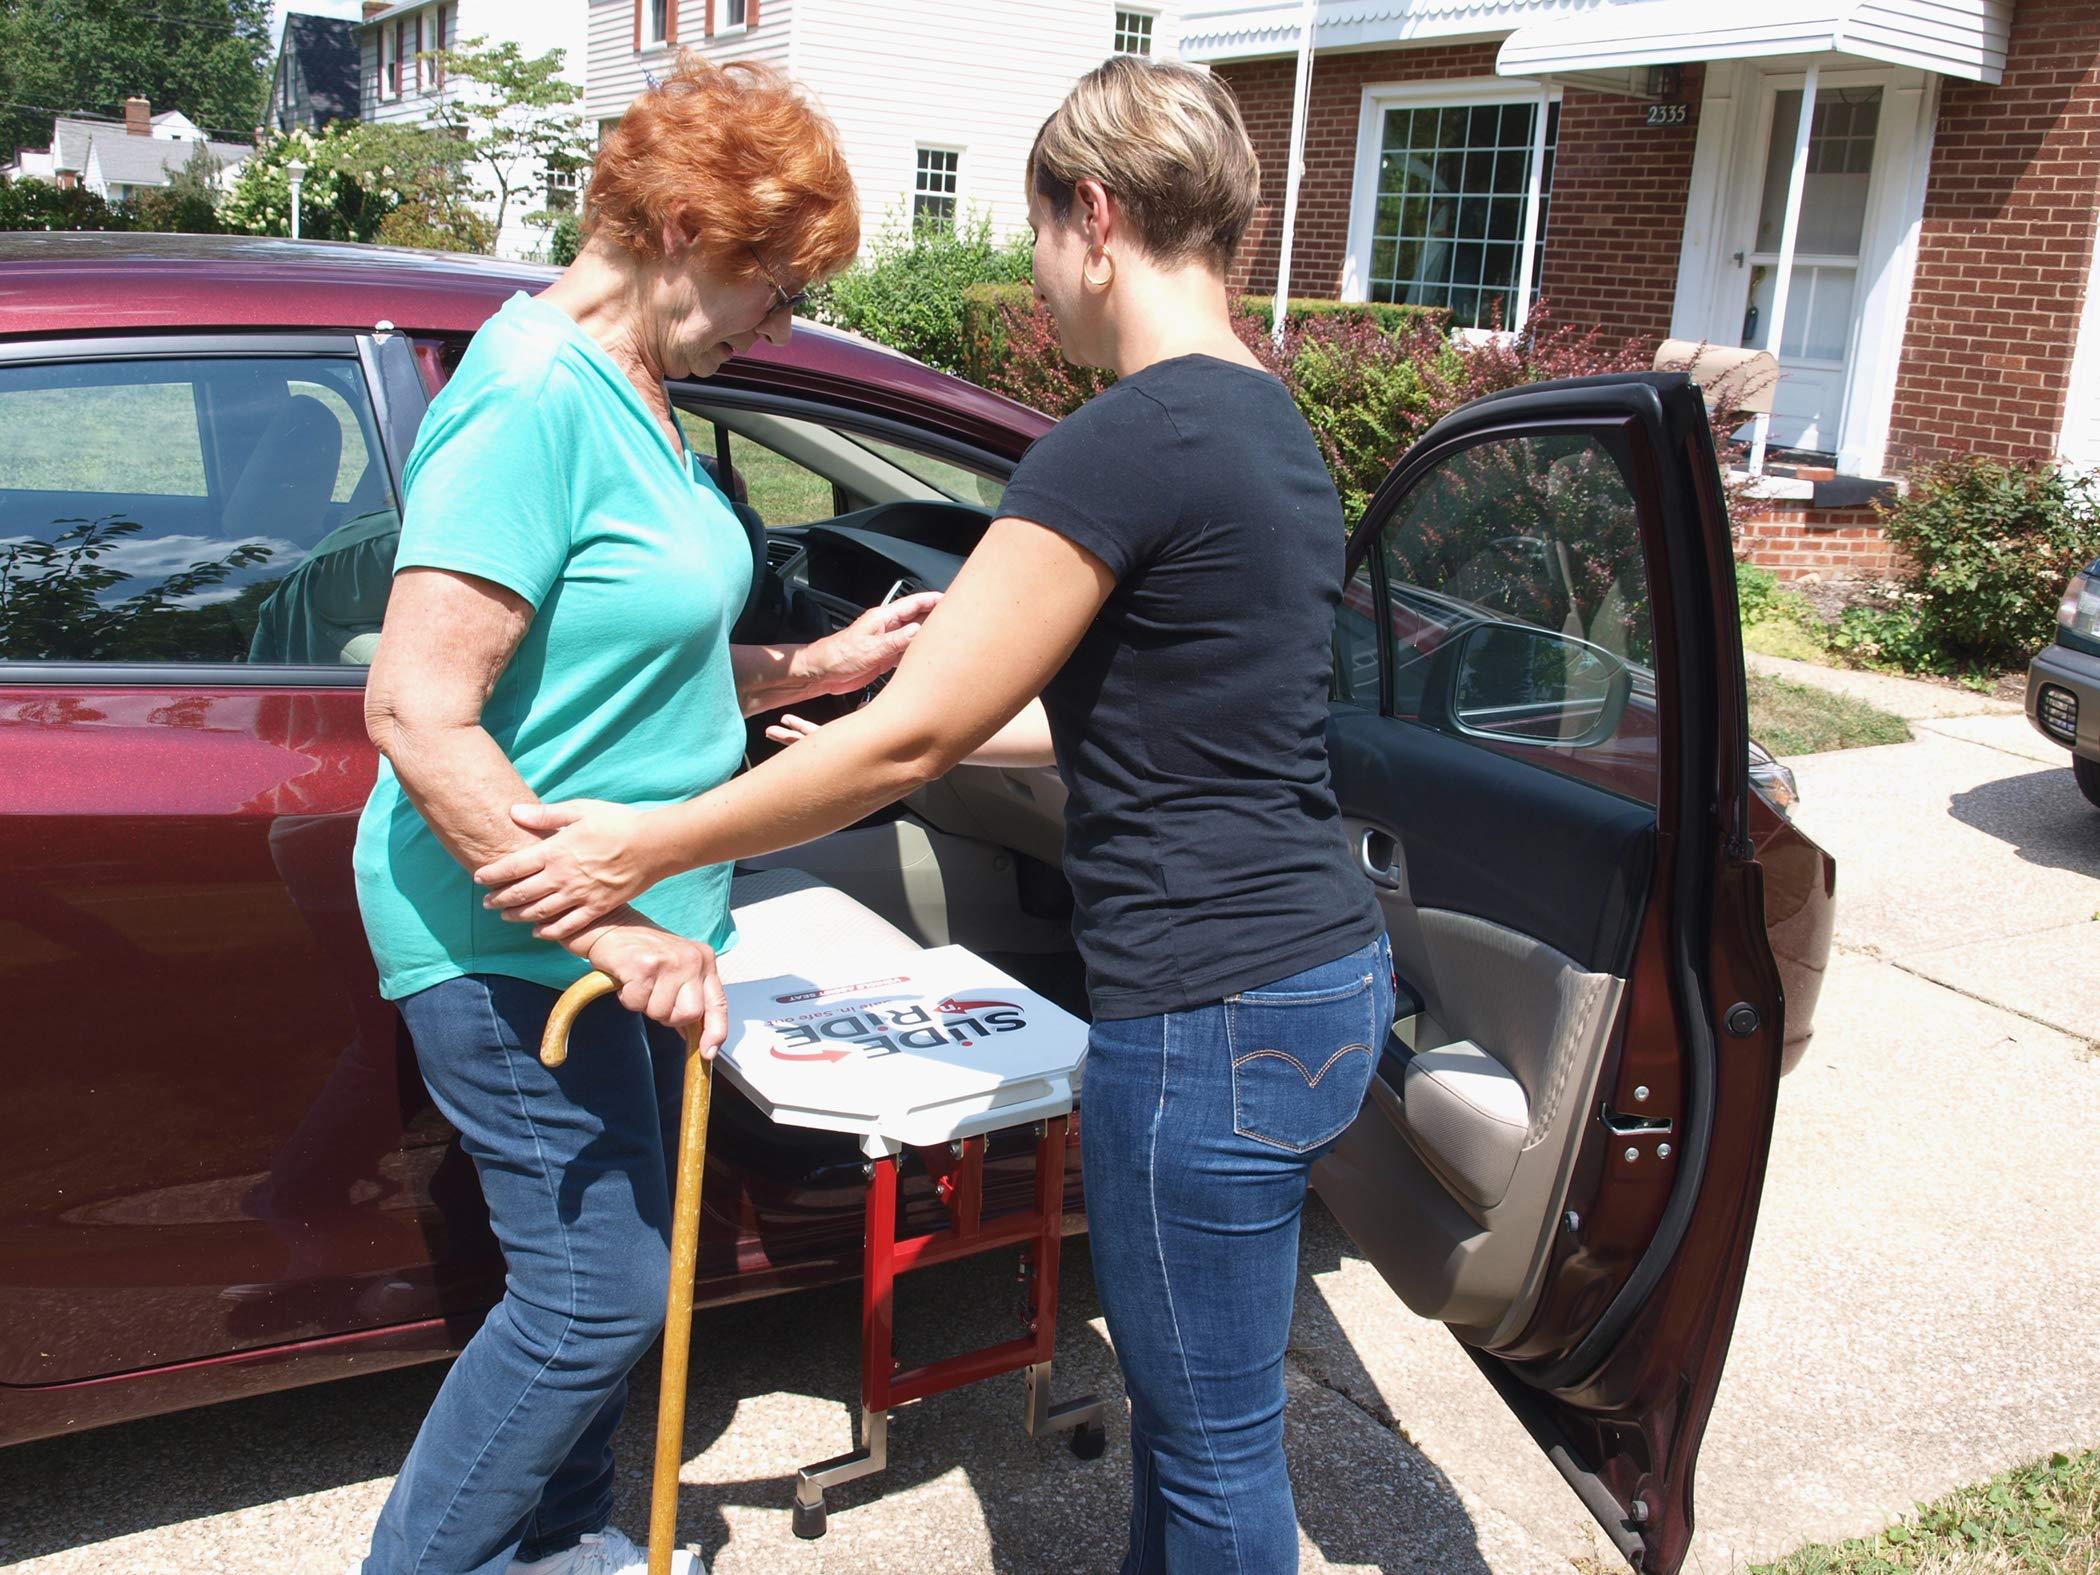 Slide 'n Ride Vehicle Transfer seat by SLIDE 'n RIDE Vehicle Assist Seat (Image #8)